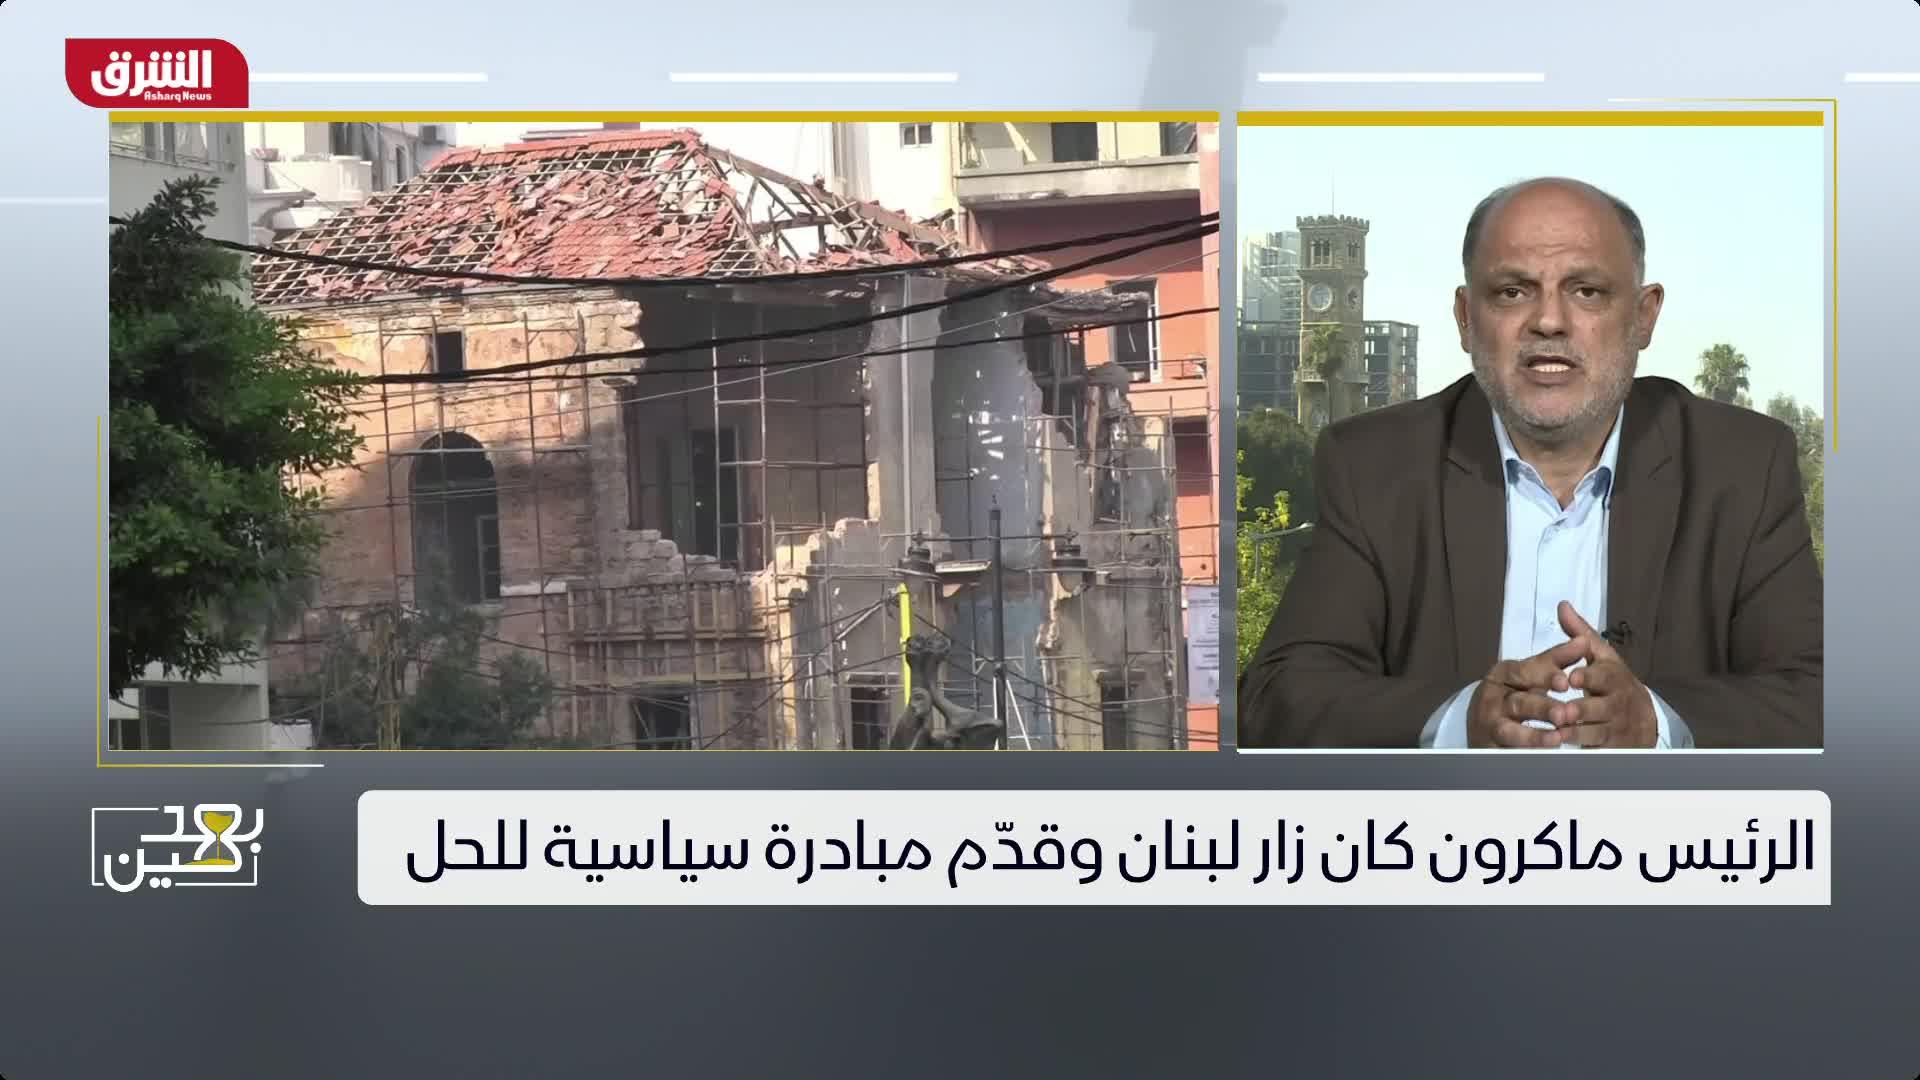 إلى أين ذهبت كل هذه المبادرات الدولية لإنقاذ لبنان؟